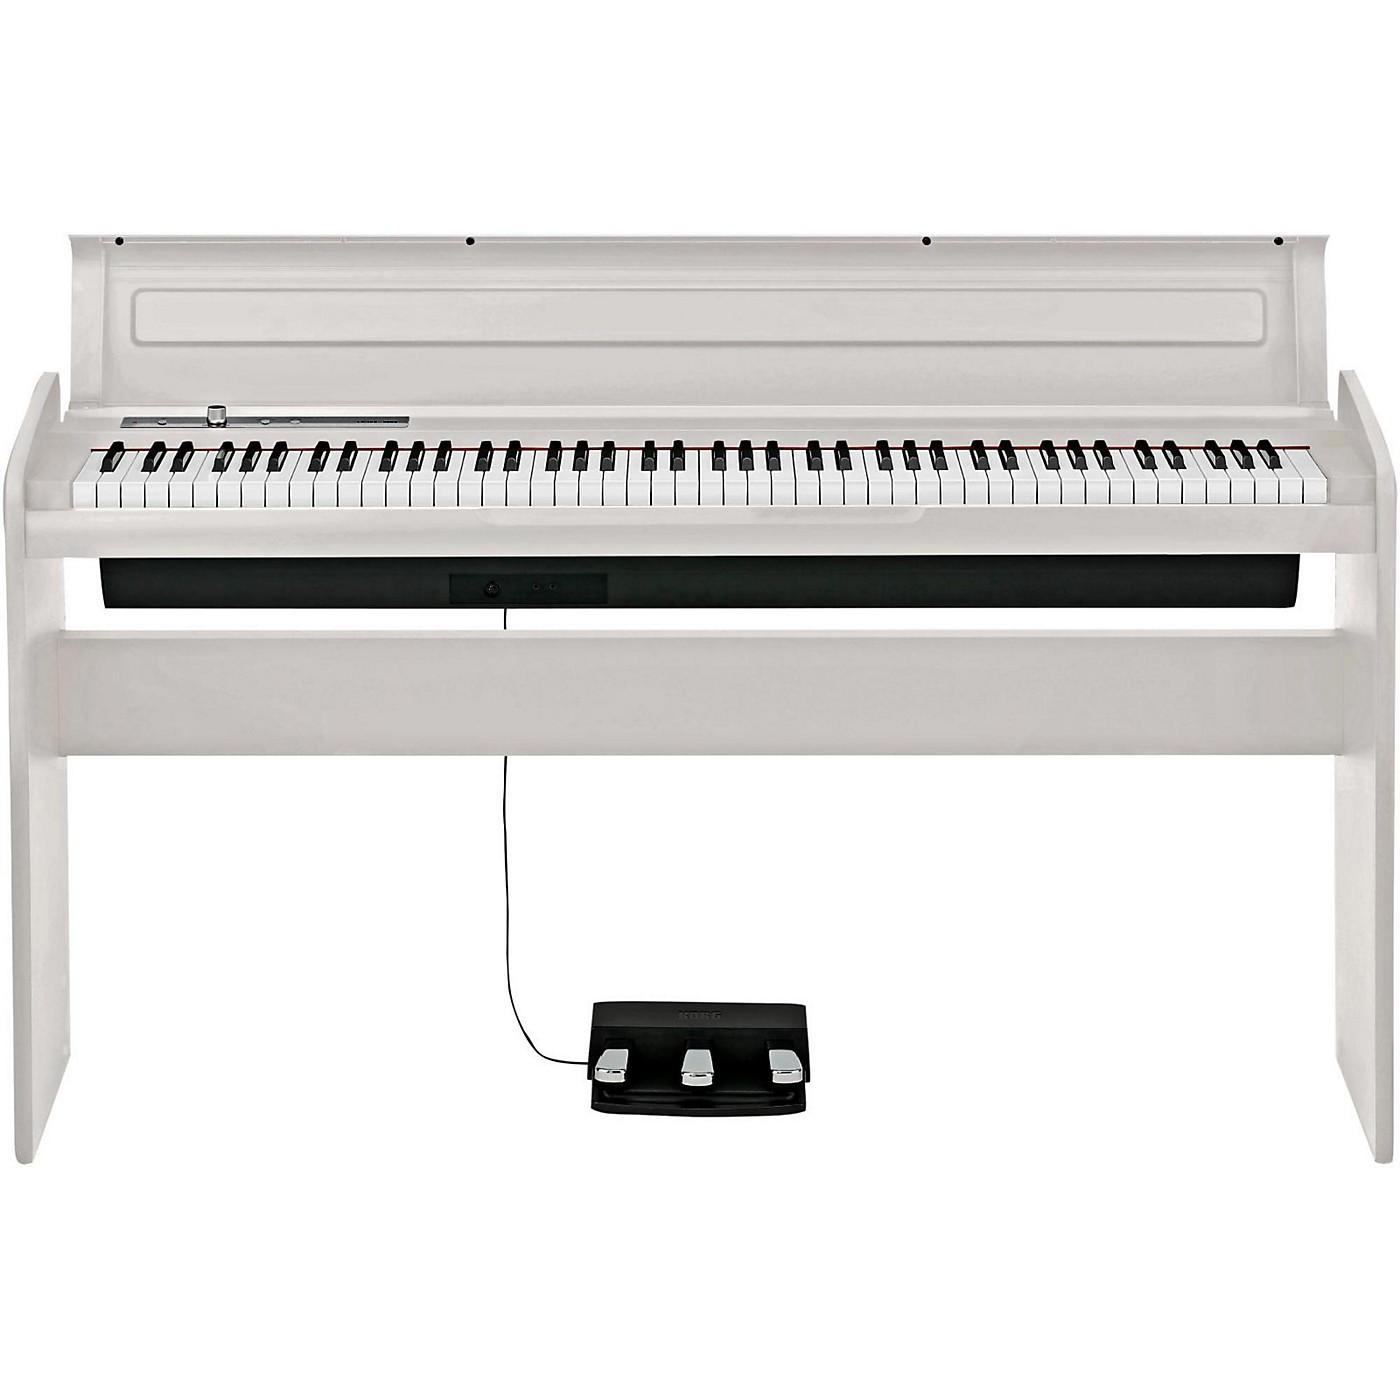 Korg LP180 88 Key Lifestyle Piano thumbnail